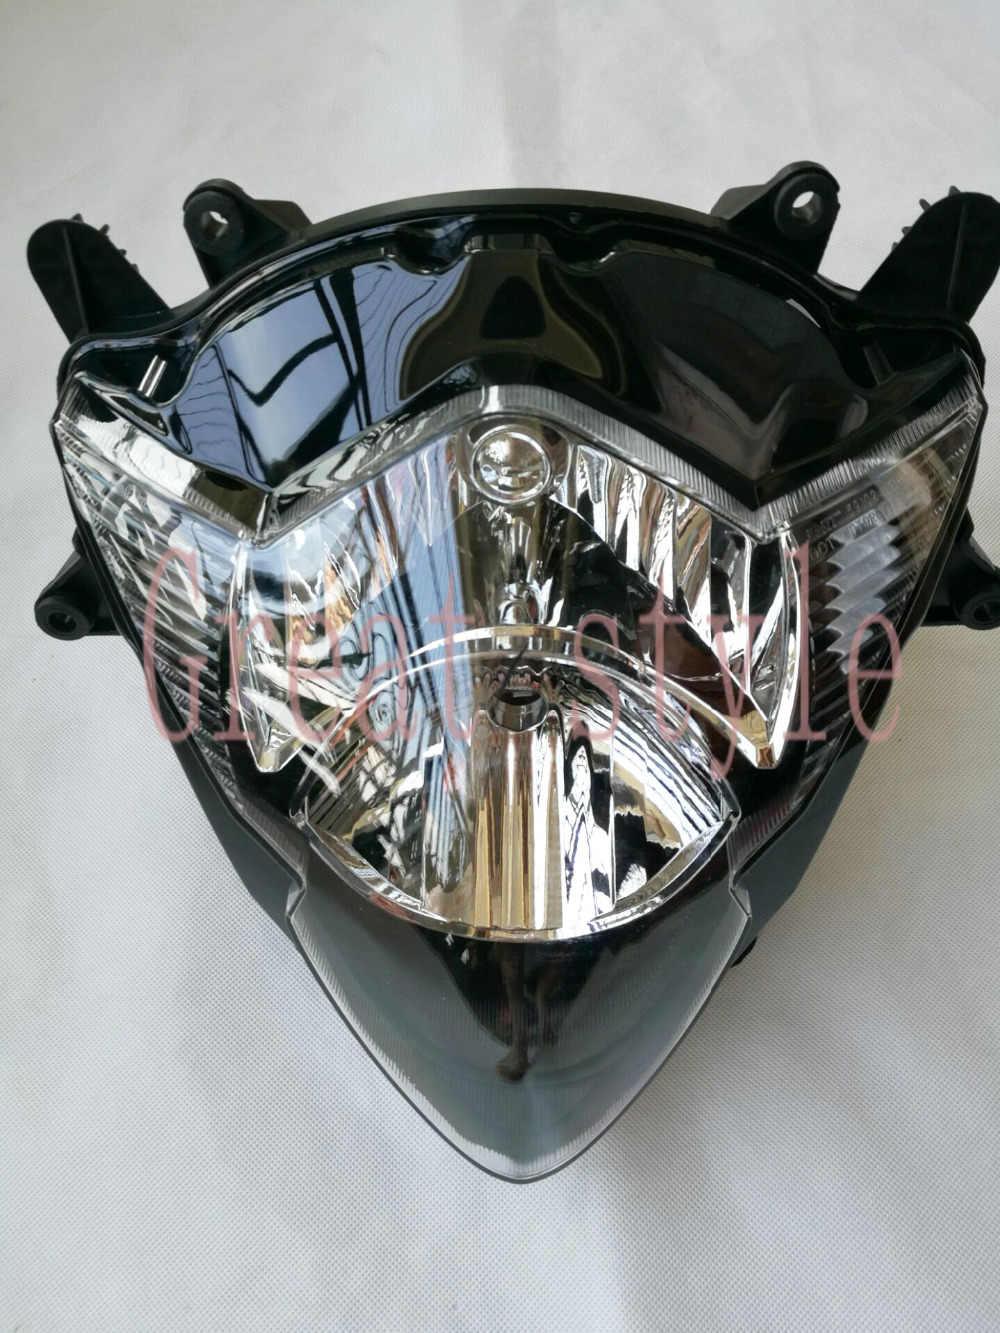 Новый Для Suzuki GSX-R1000 GSXR1000 GSXR 1000 2005 2006 05 06 K5 moto мотоциклетная фара Заменить фары освещение лампы прозрачное стекло